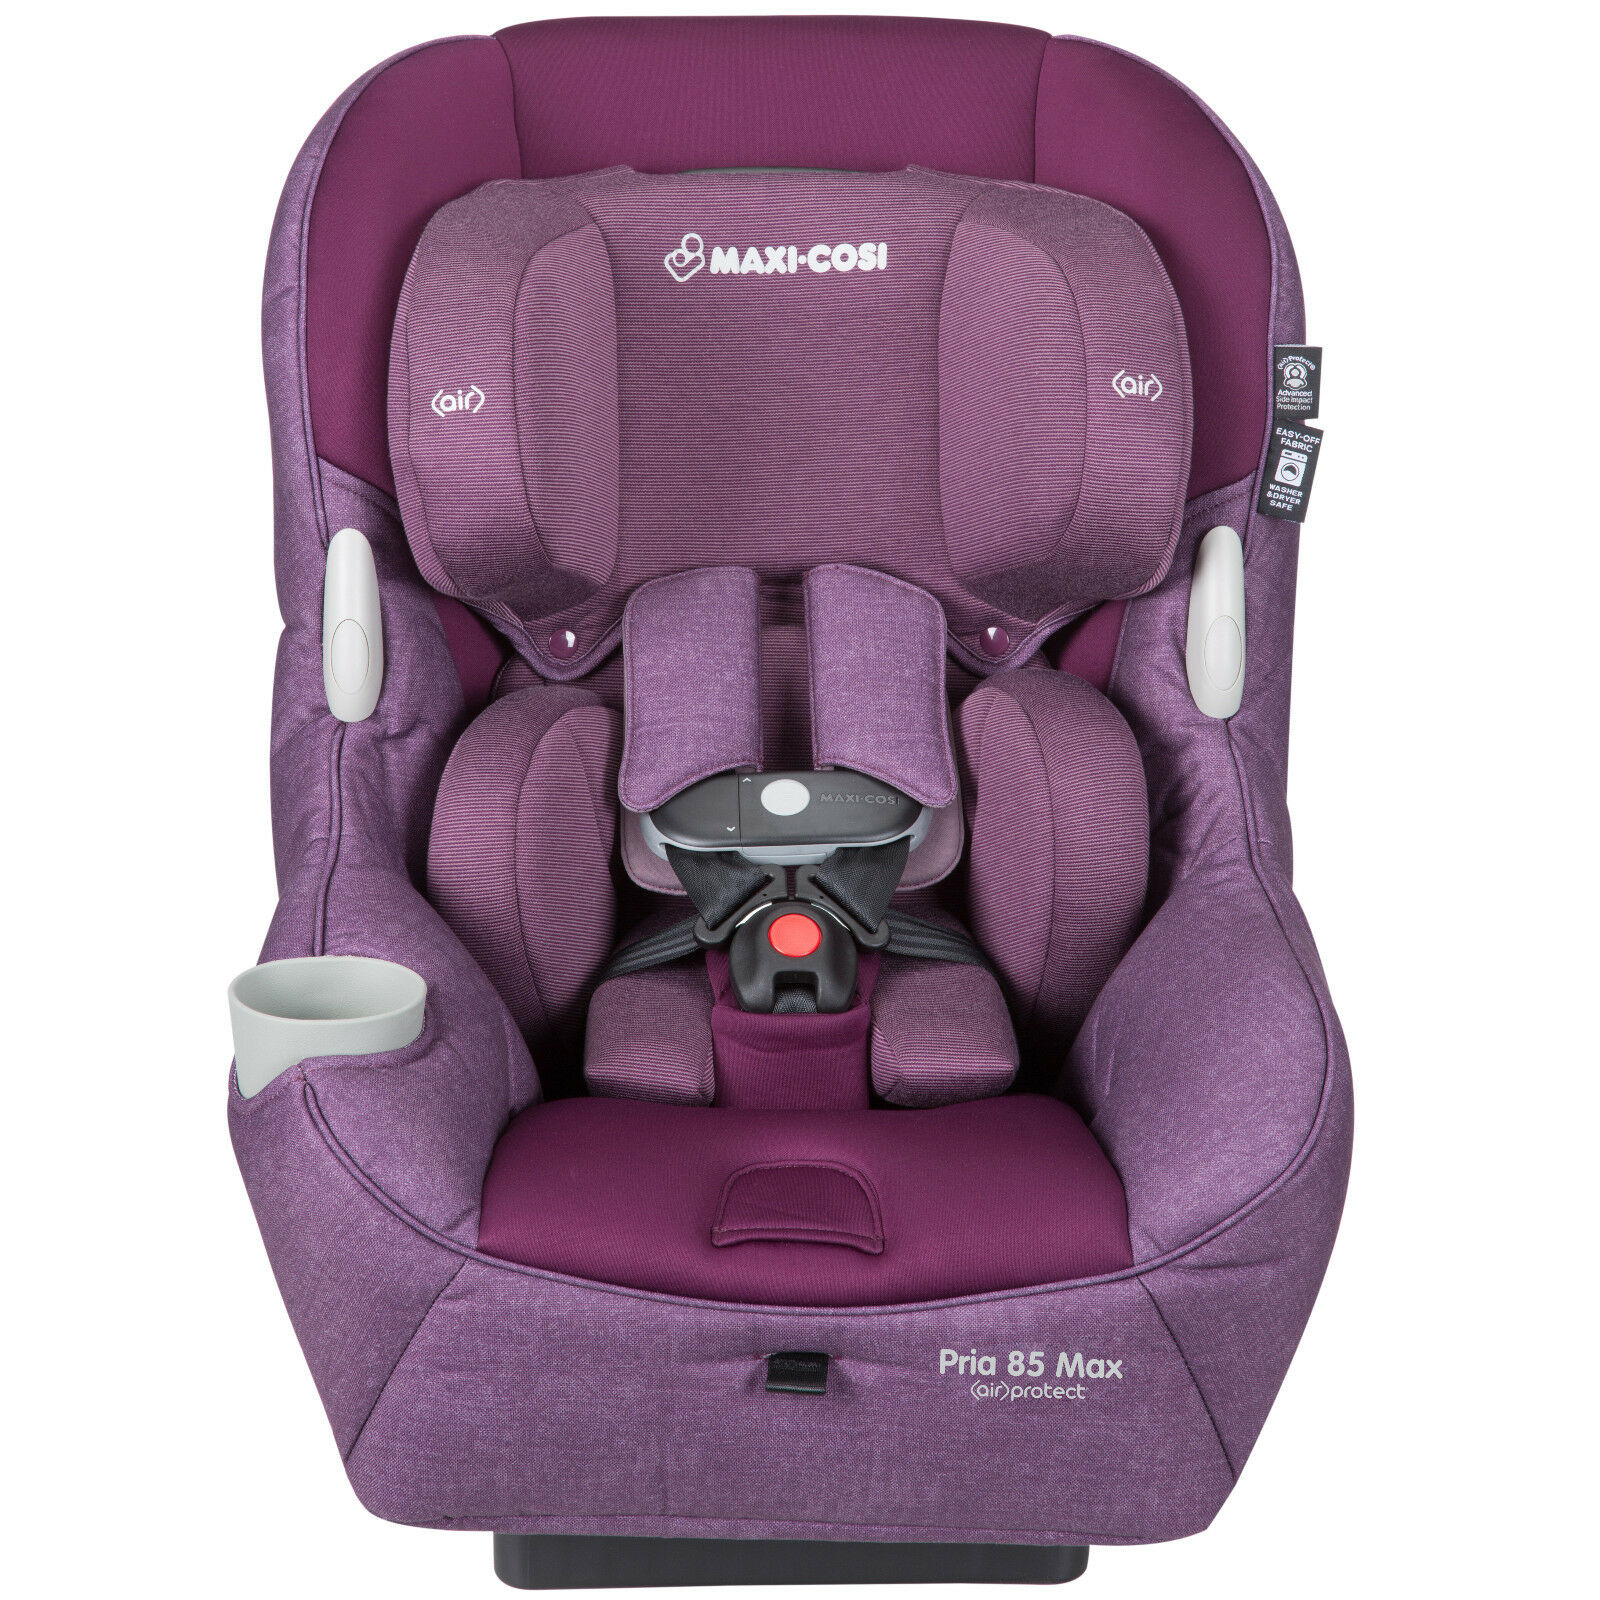 Maxi Cosi Pria 85 Max Convertible Car Seat in Nomad Purple